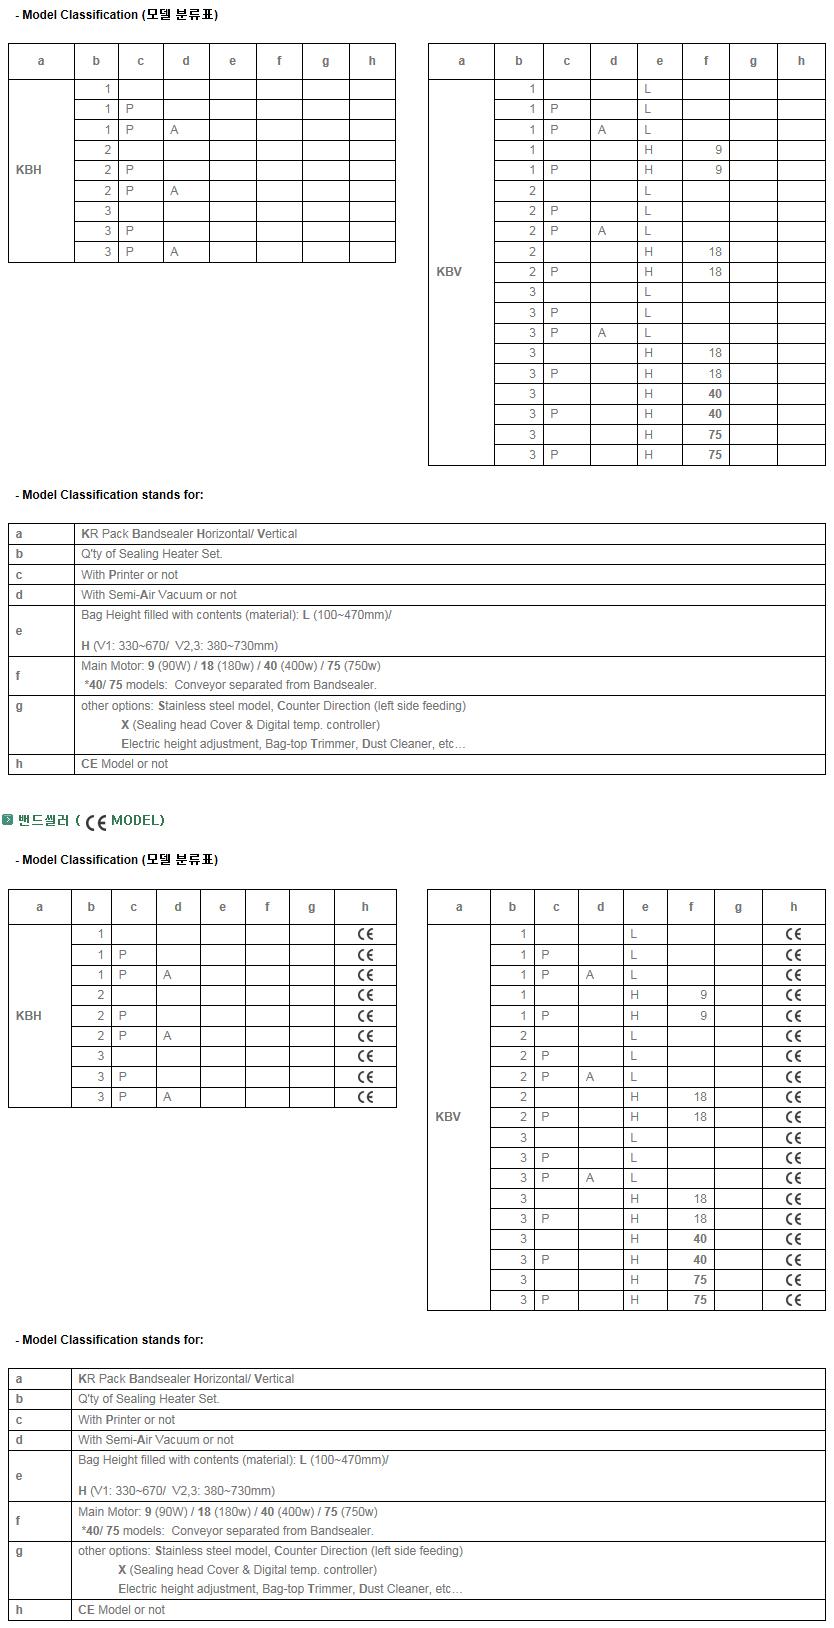 (주)케이알팩 모델 분류표  1